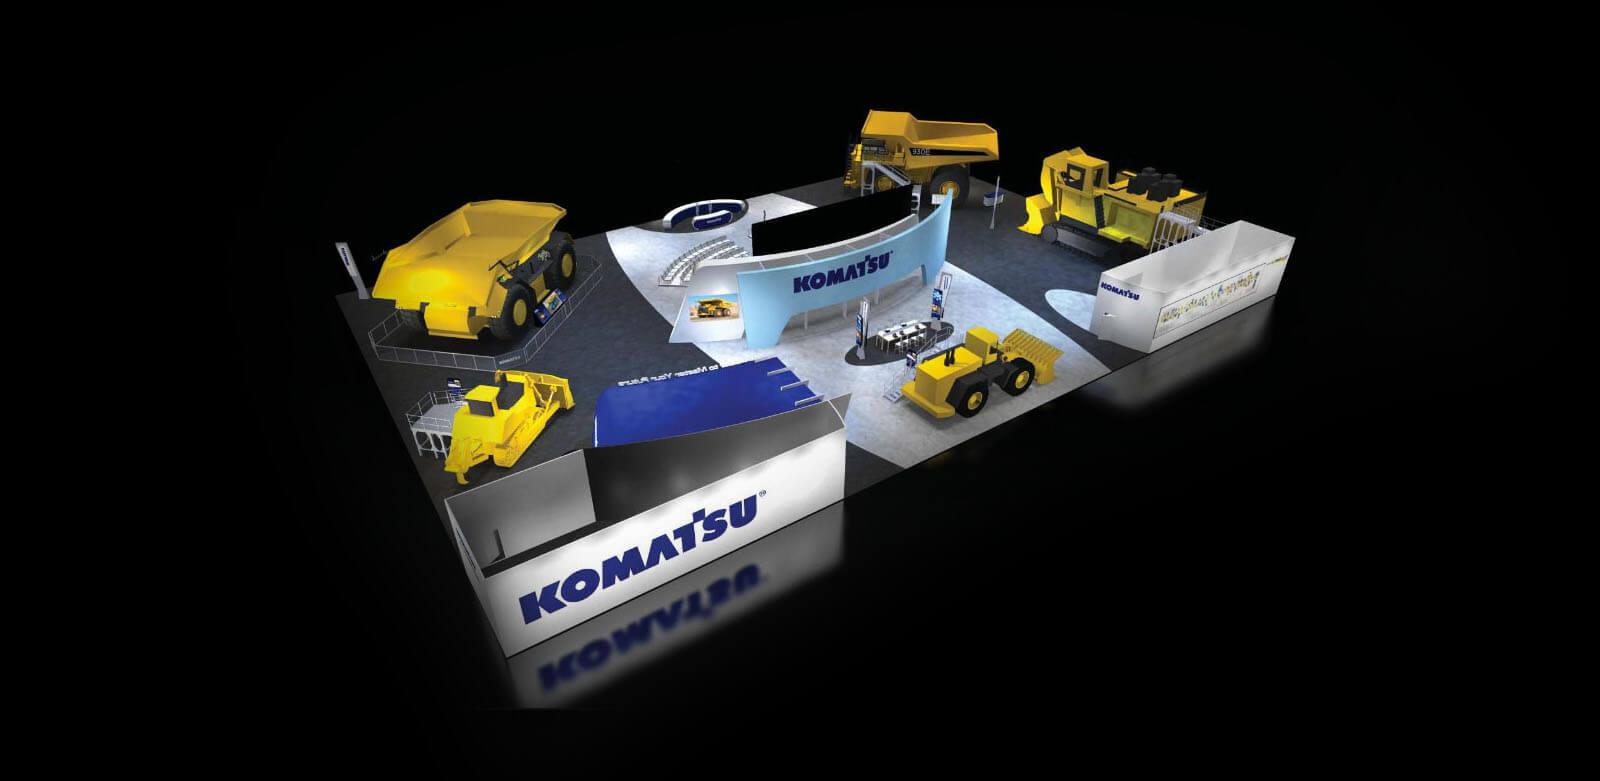 نمایشگاه بین الملی قطعات ماشین های سنگین